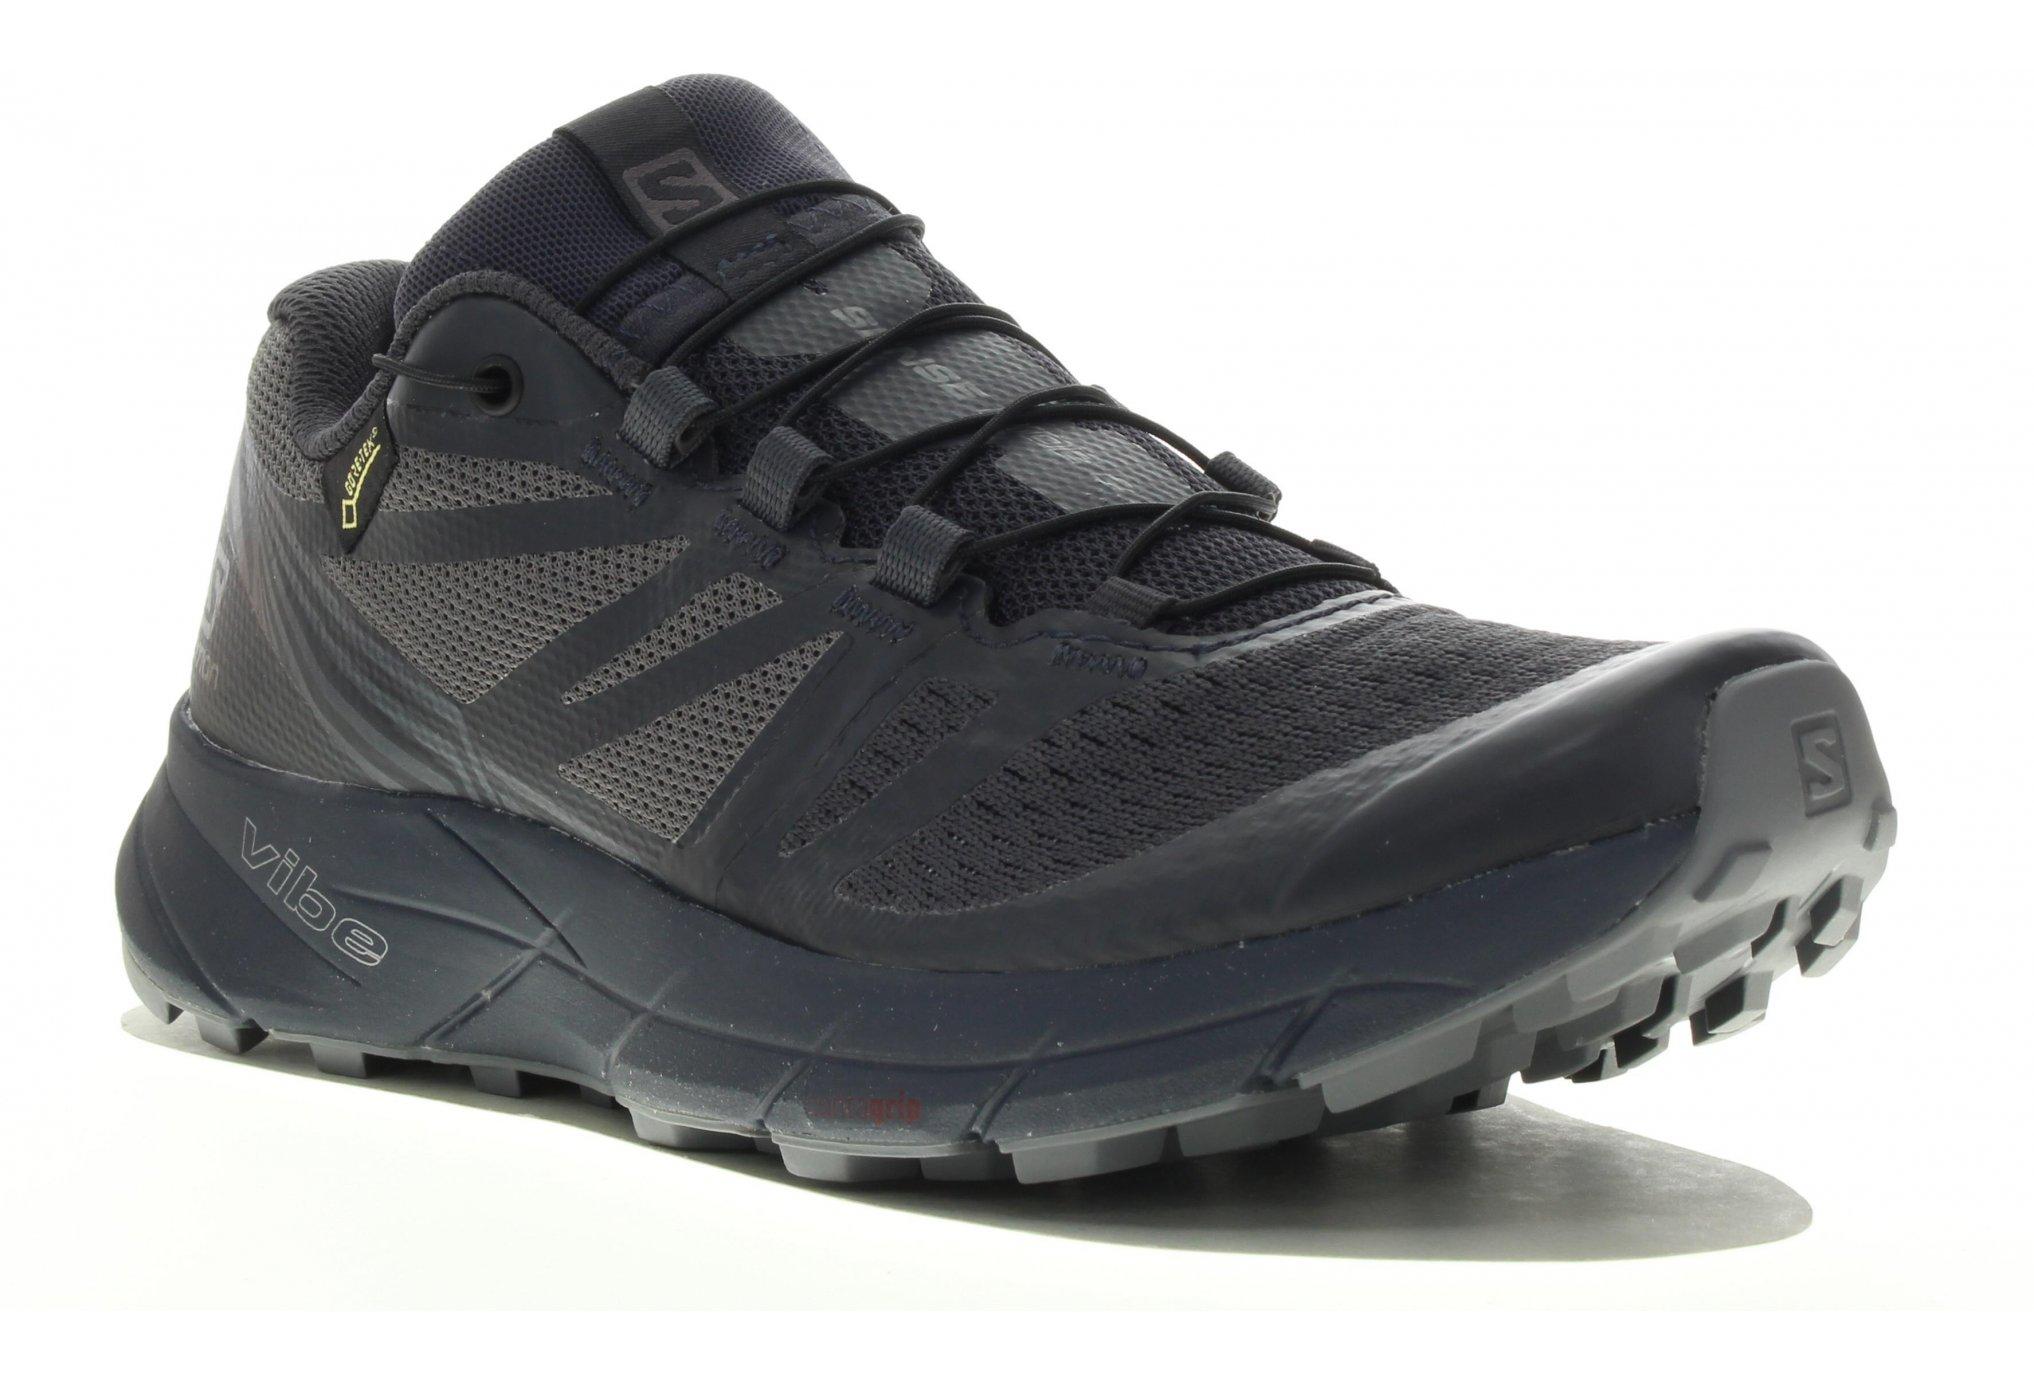 Salomon Sense Ride 2 Gore-Tex Nocturne Chaussures running femme